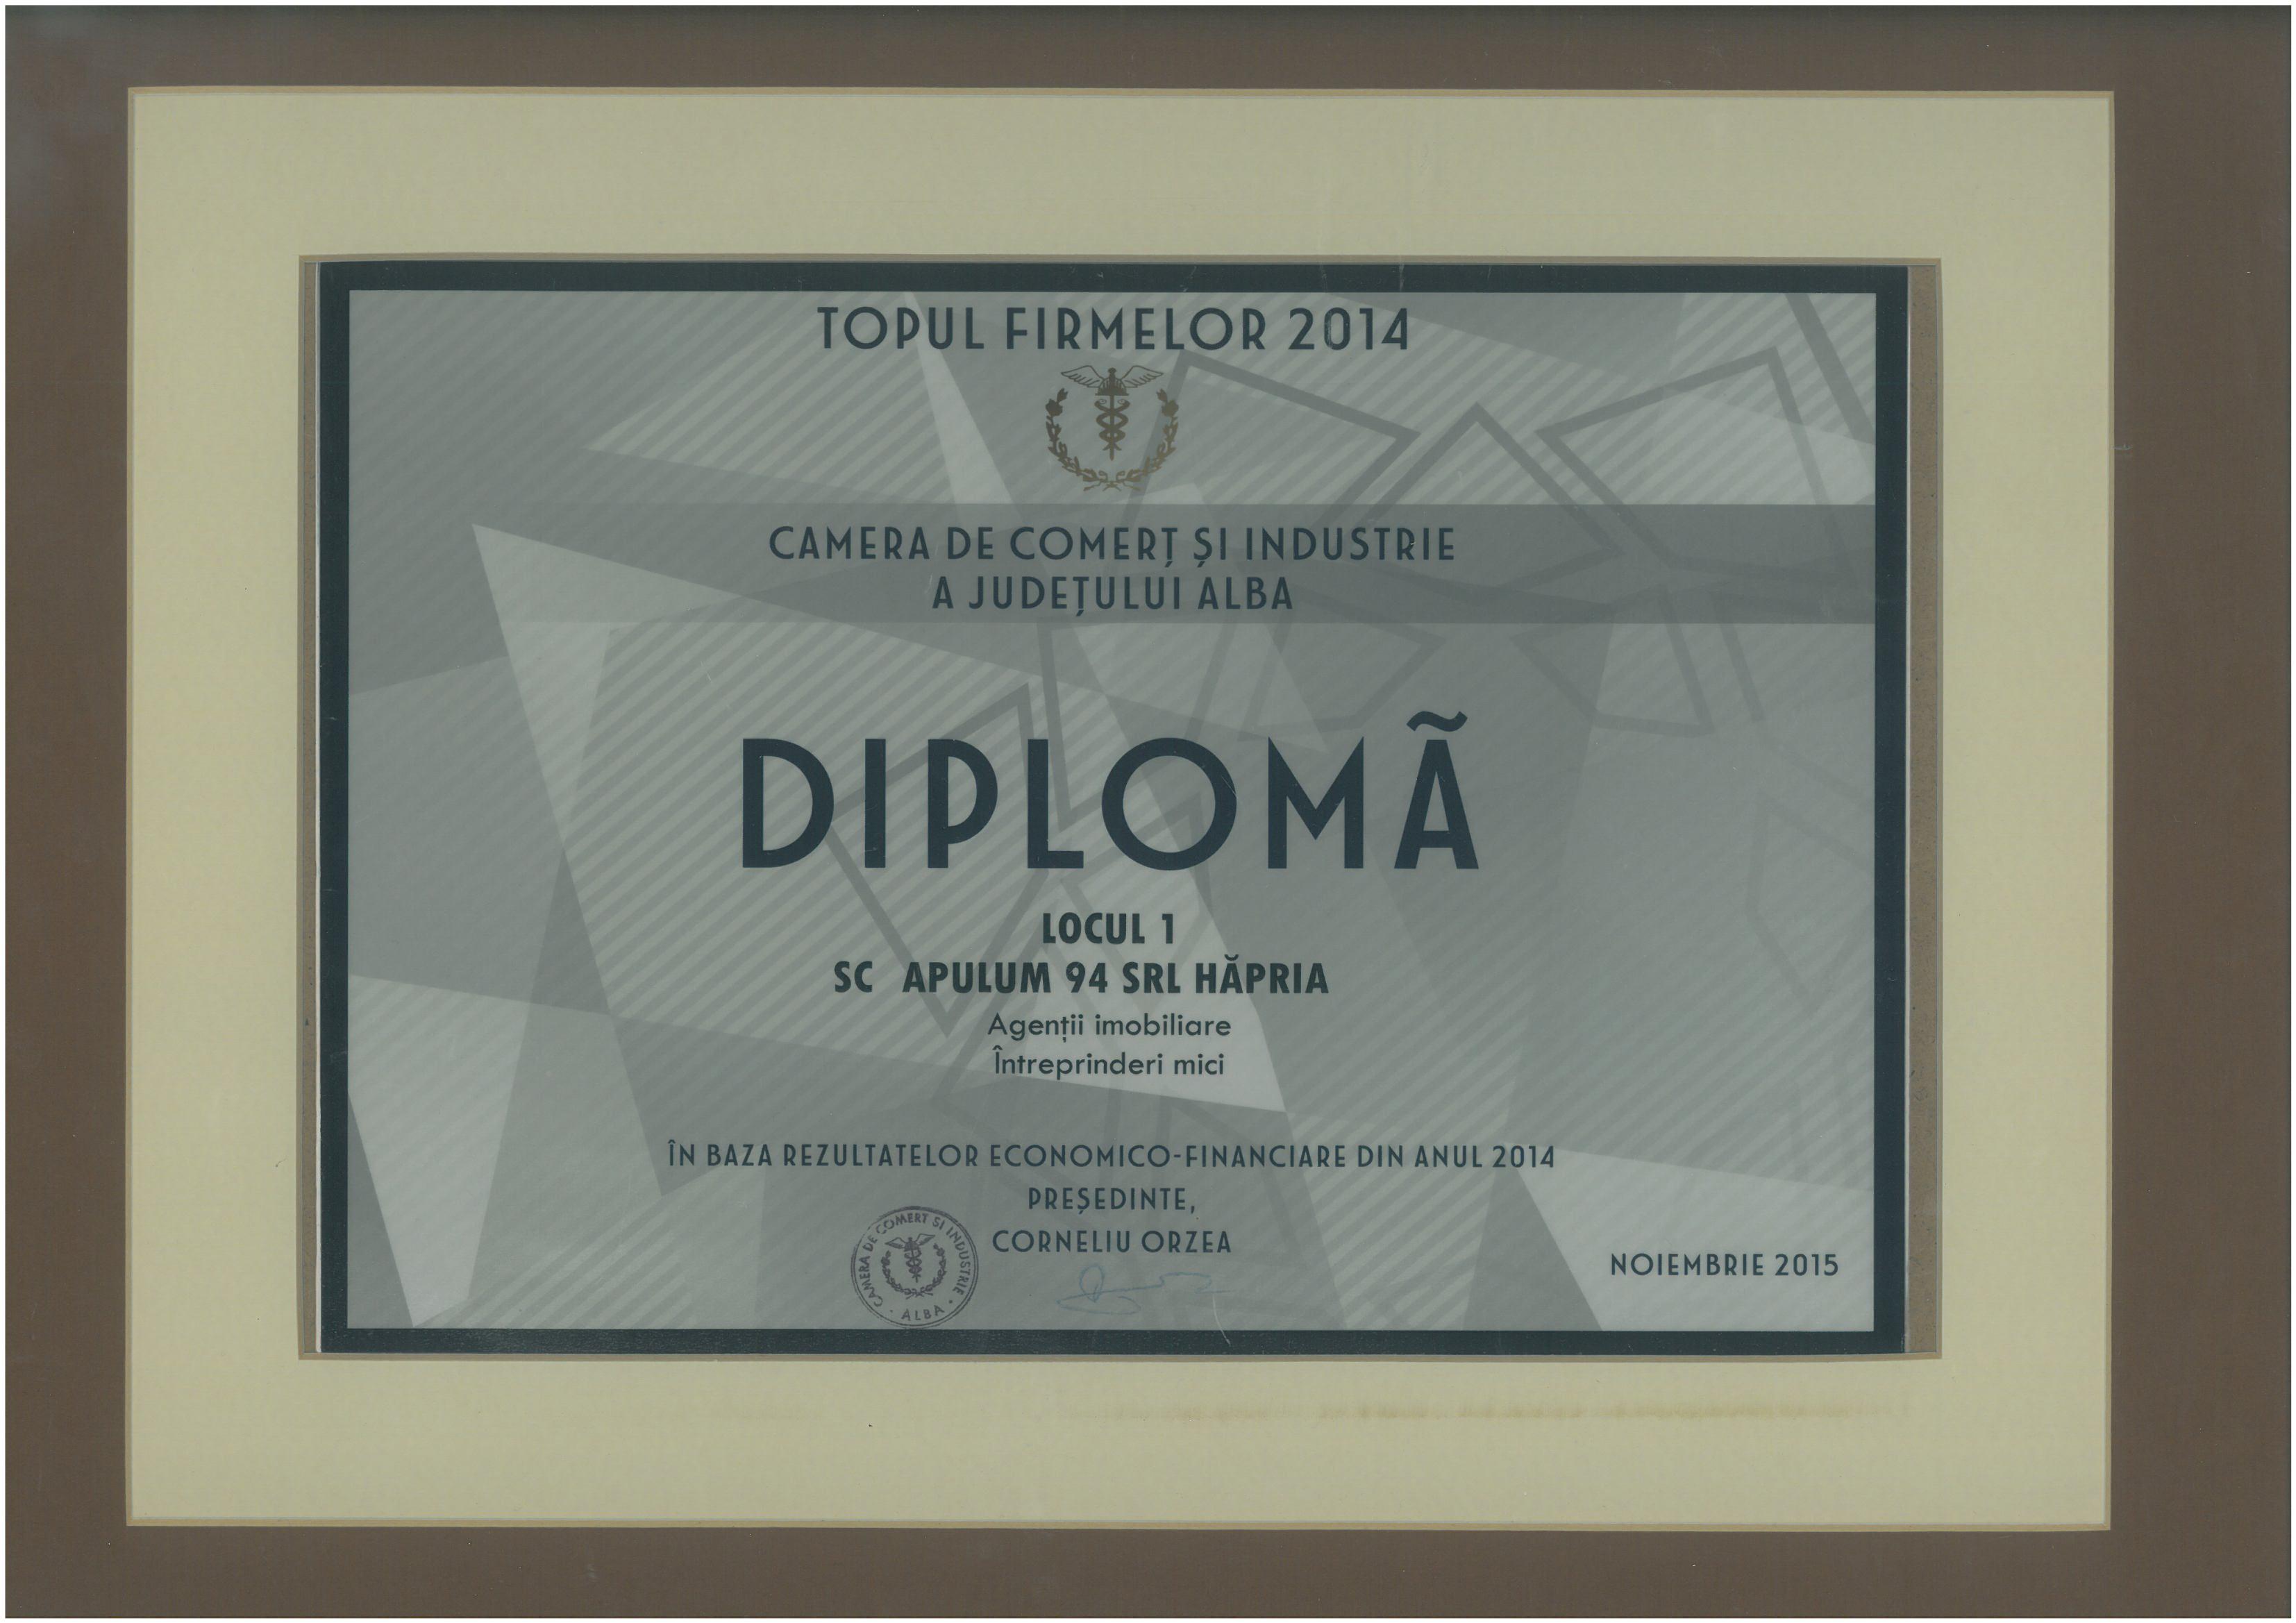 Topul Firmelor - 2014 - Locul 1